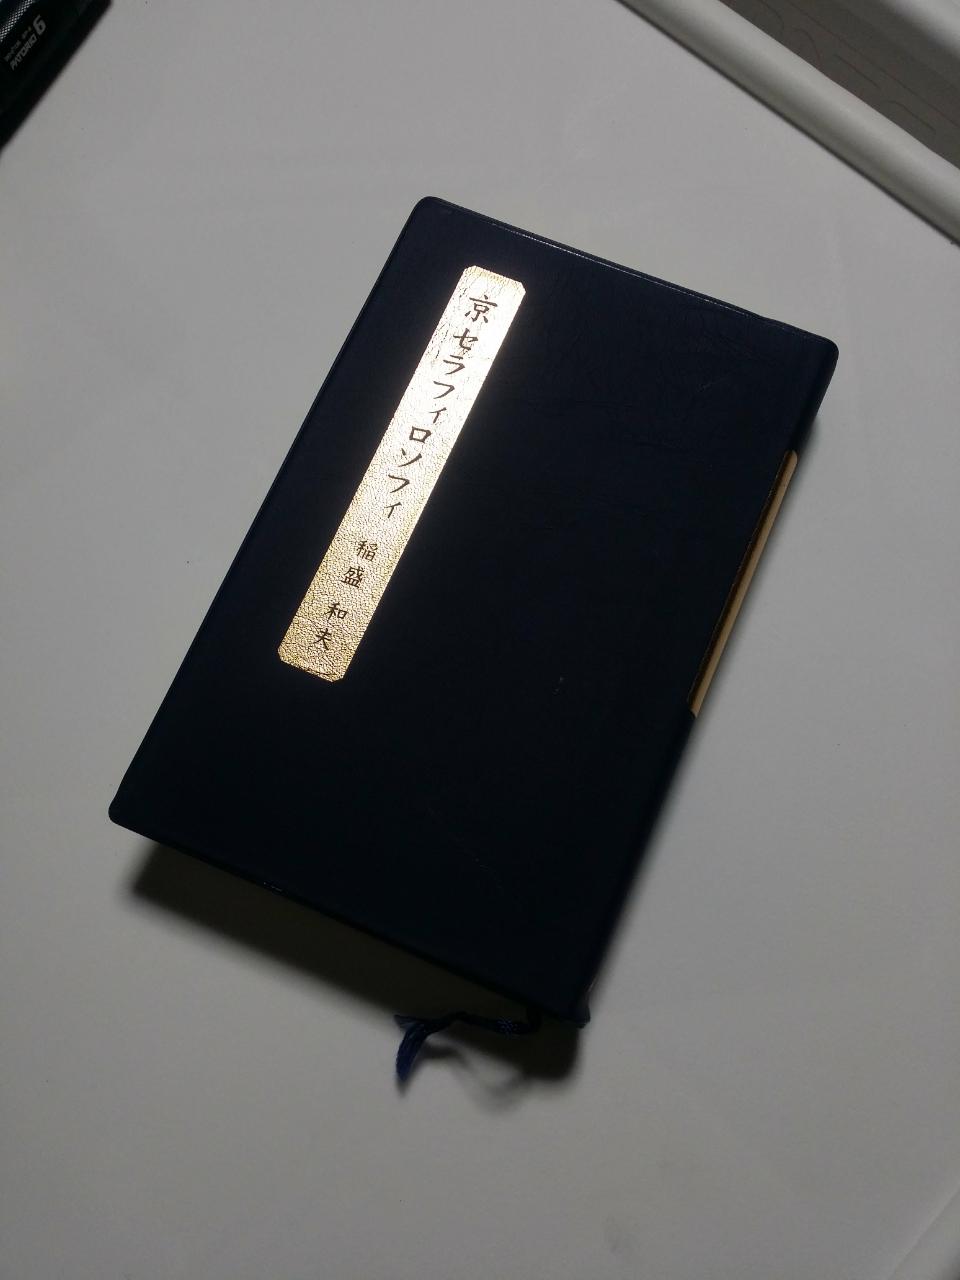 私と稲盛和夫氏との出会いはアメーバー経営を知ってから。